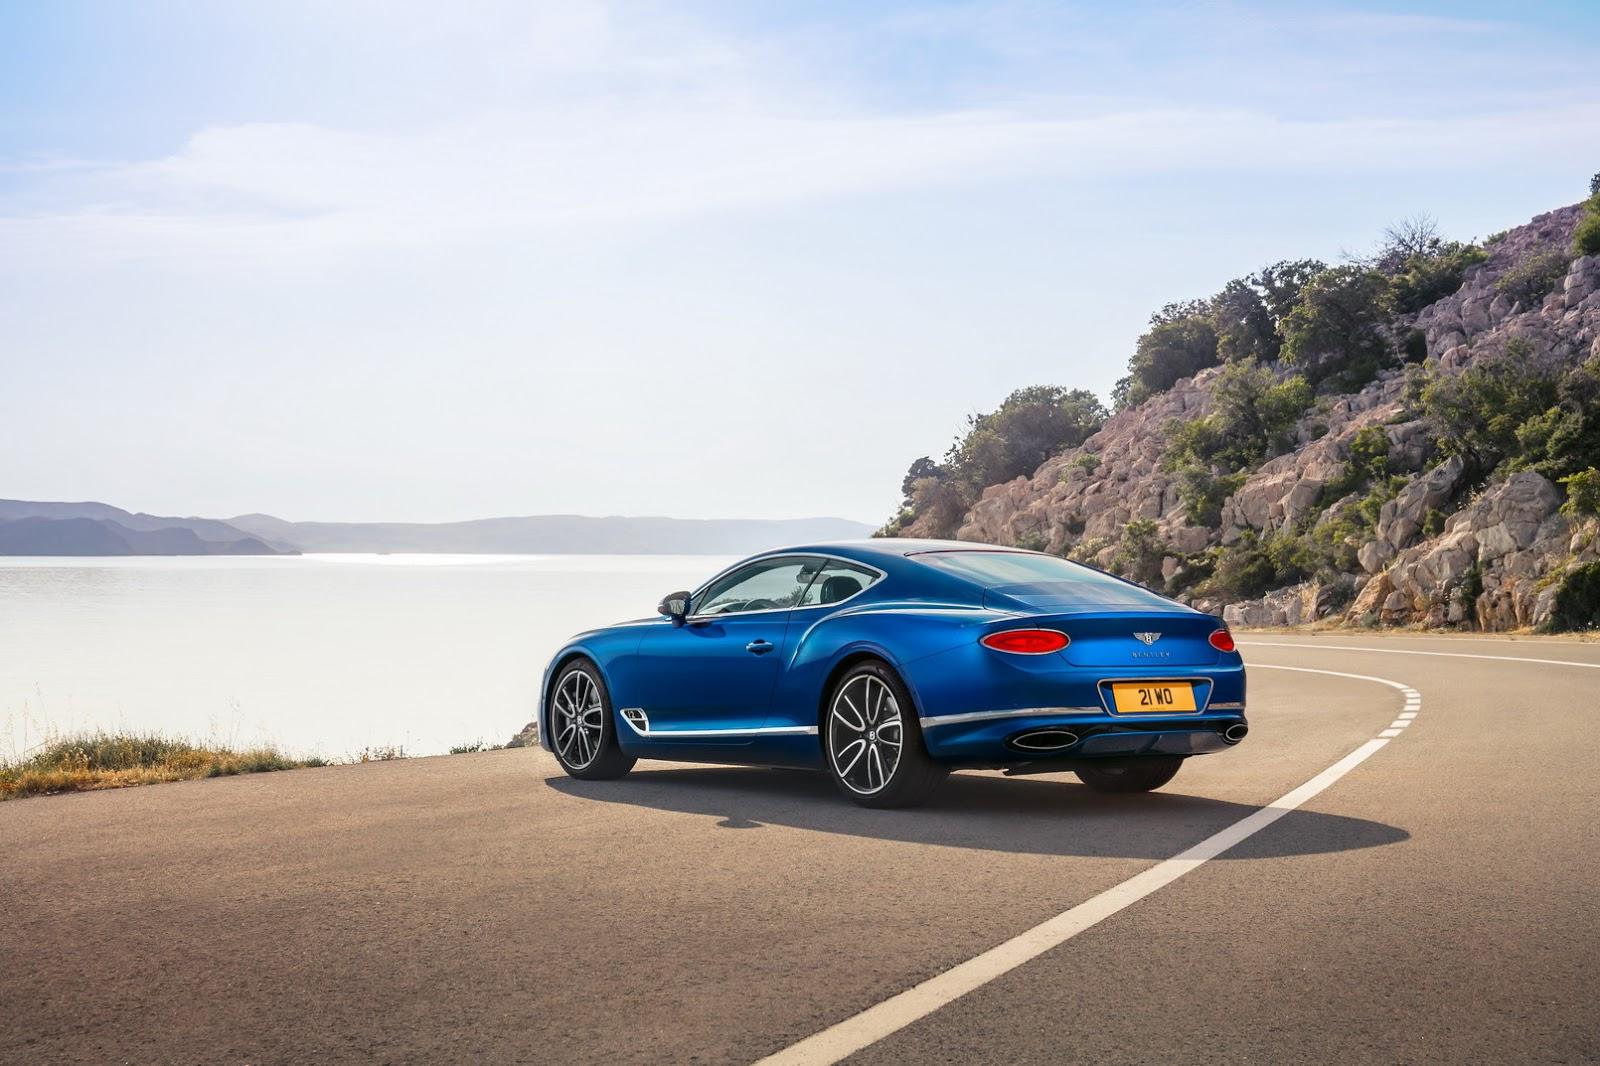 2018-Bentley-Continental-GT-4